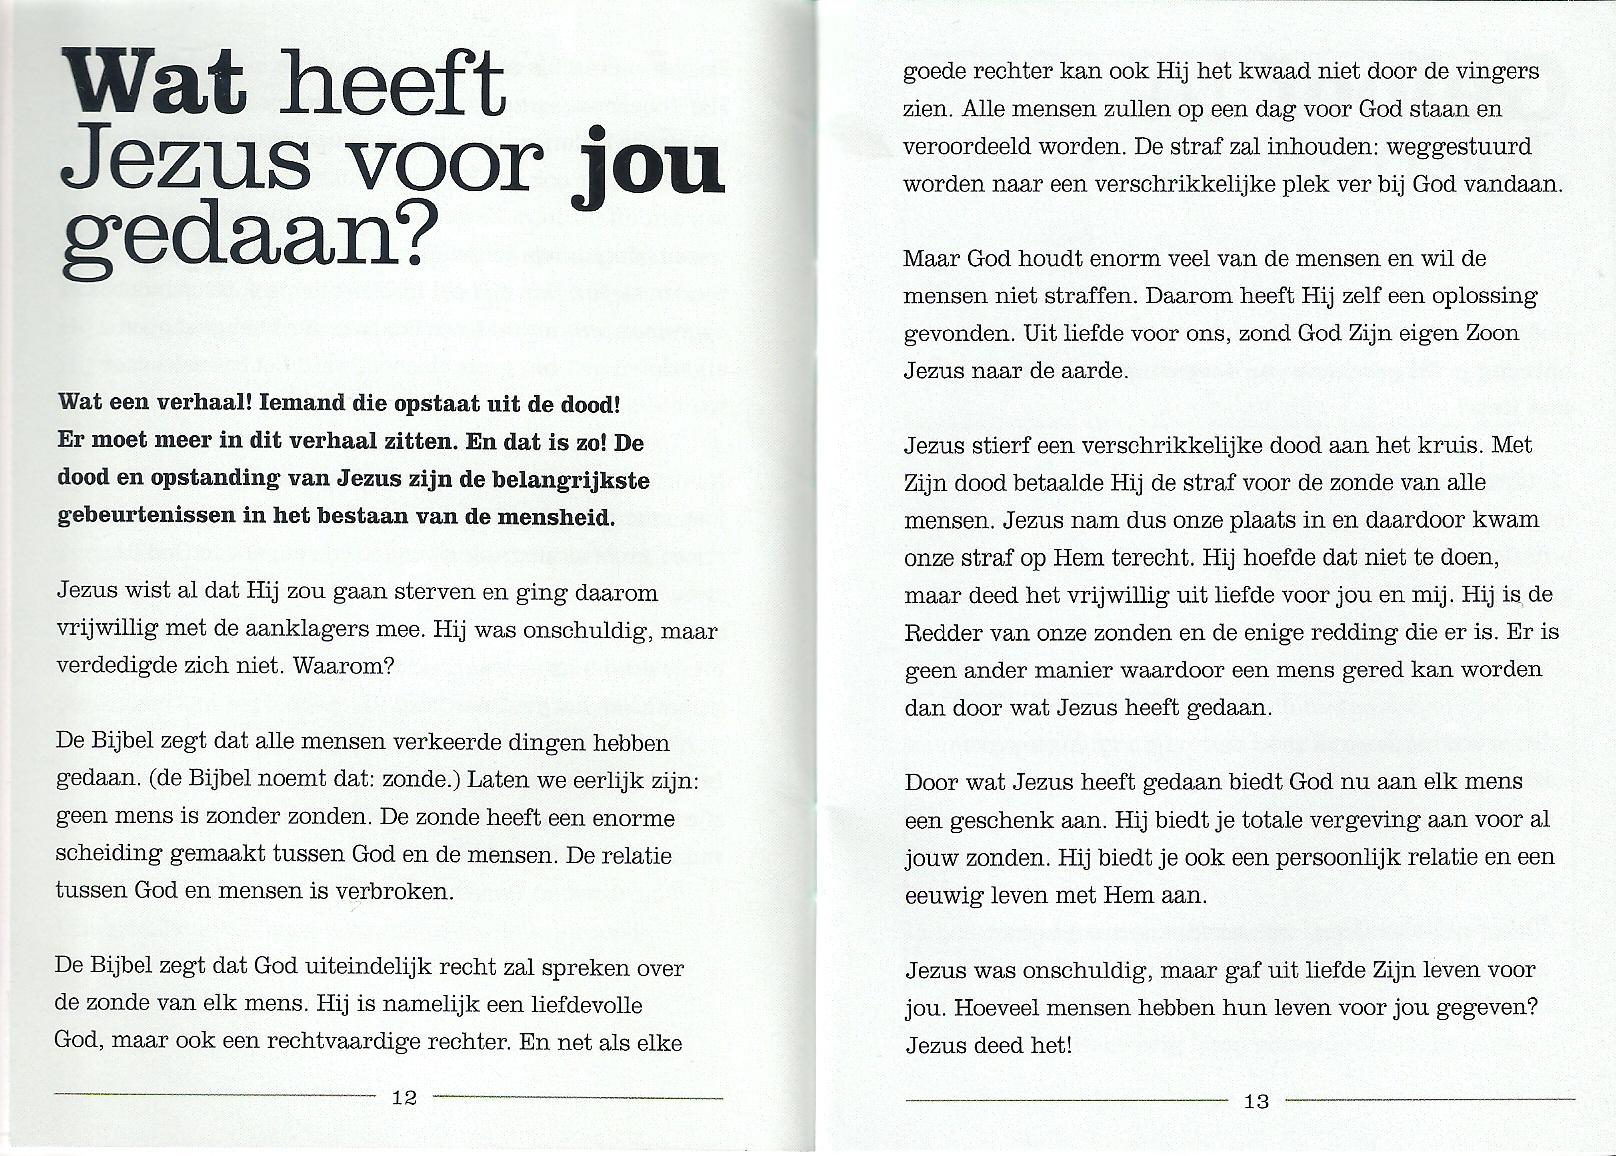 Nieuw leven p.12 en p.13- Henri Hupscher - evangelisatie boekje